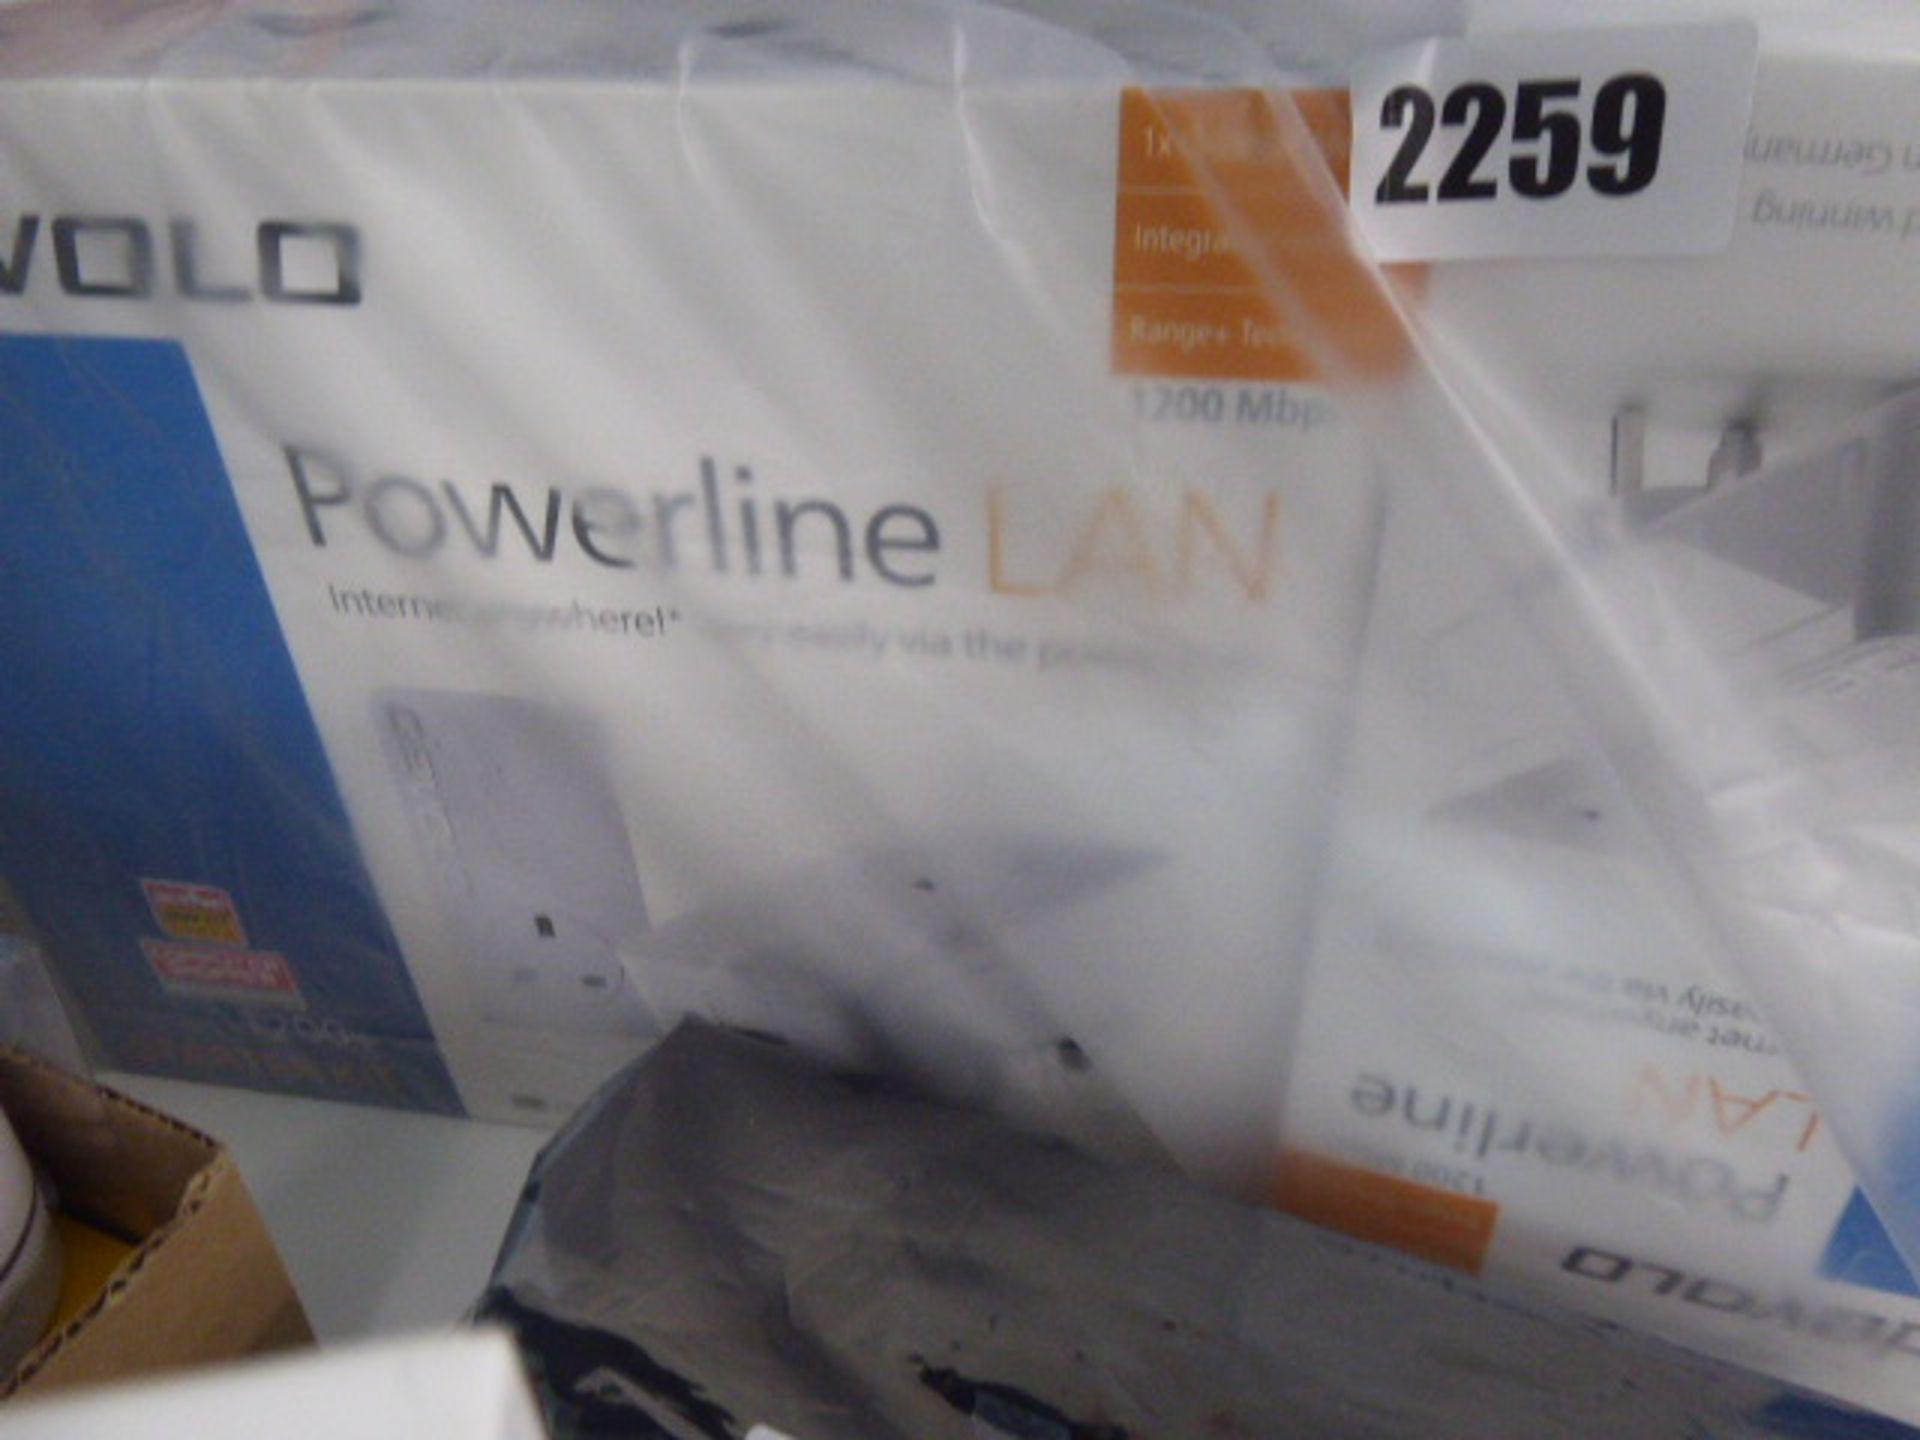 Lot 2259 - Devolo Power Line network extenders